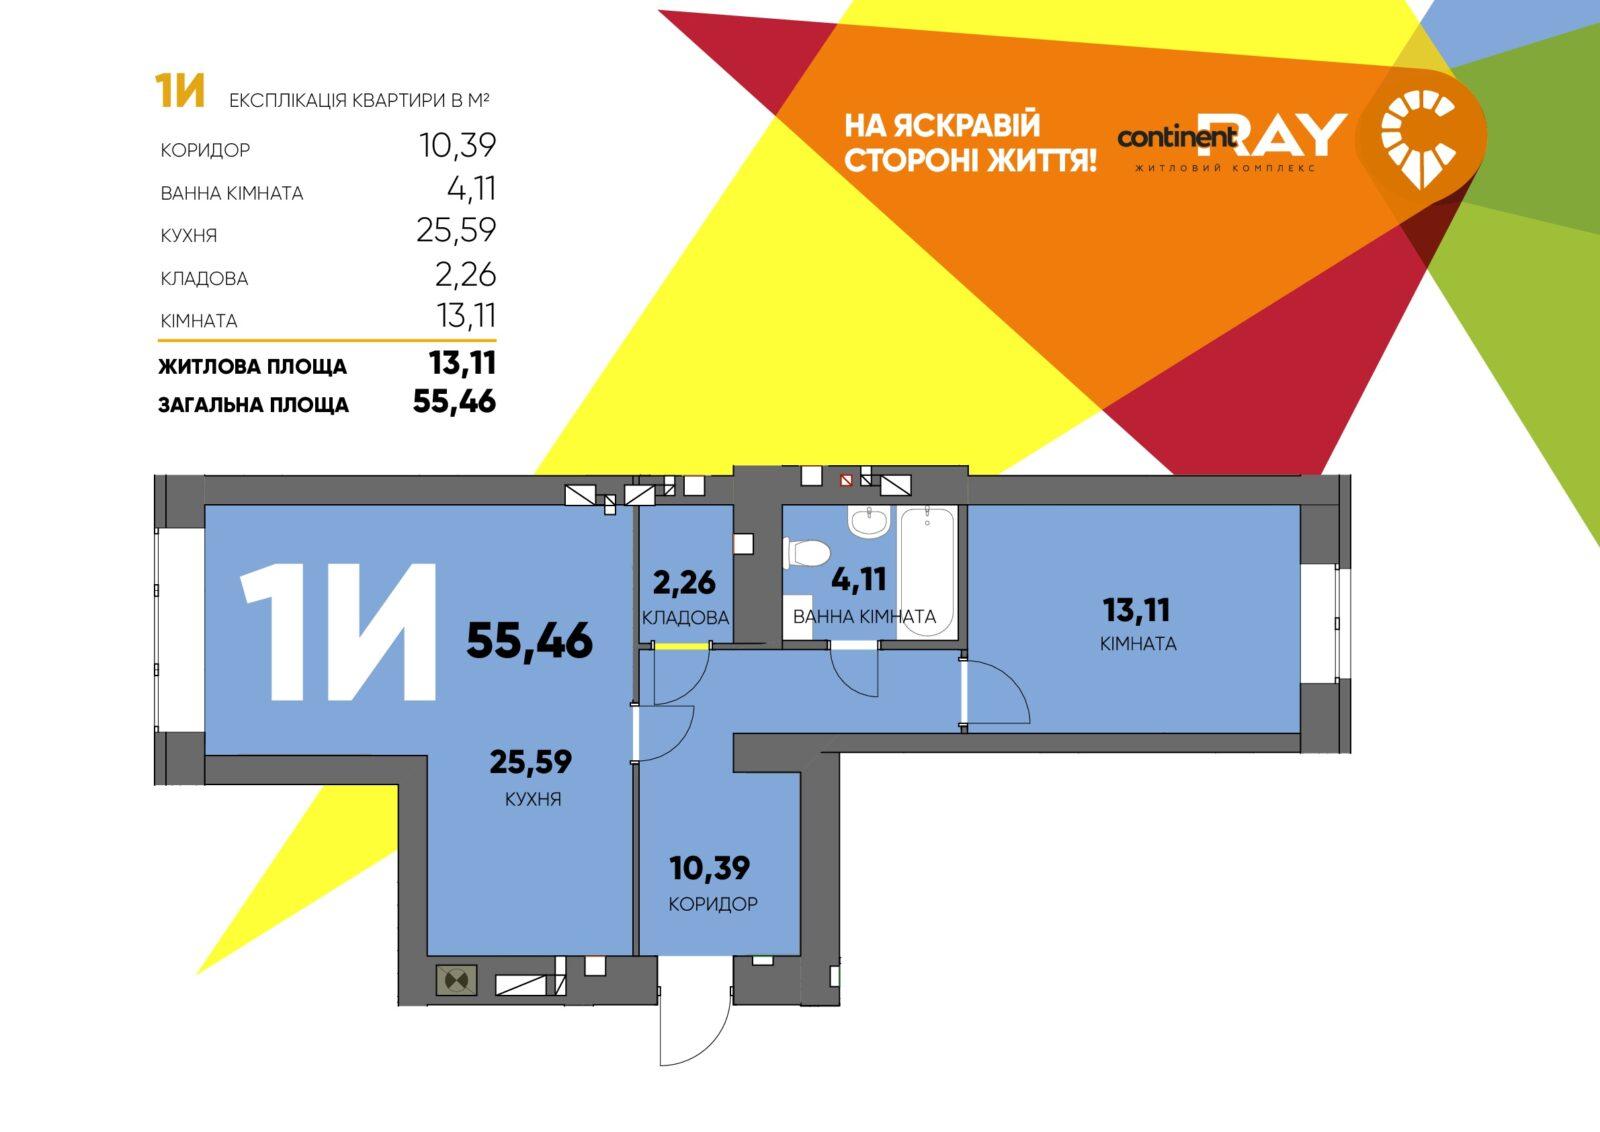 1-кімн. кв 1И 55.46 м²